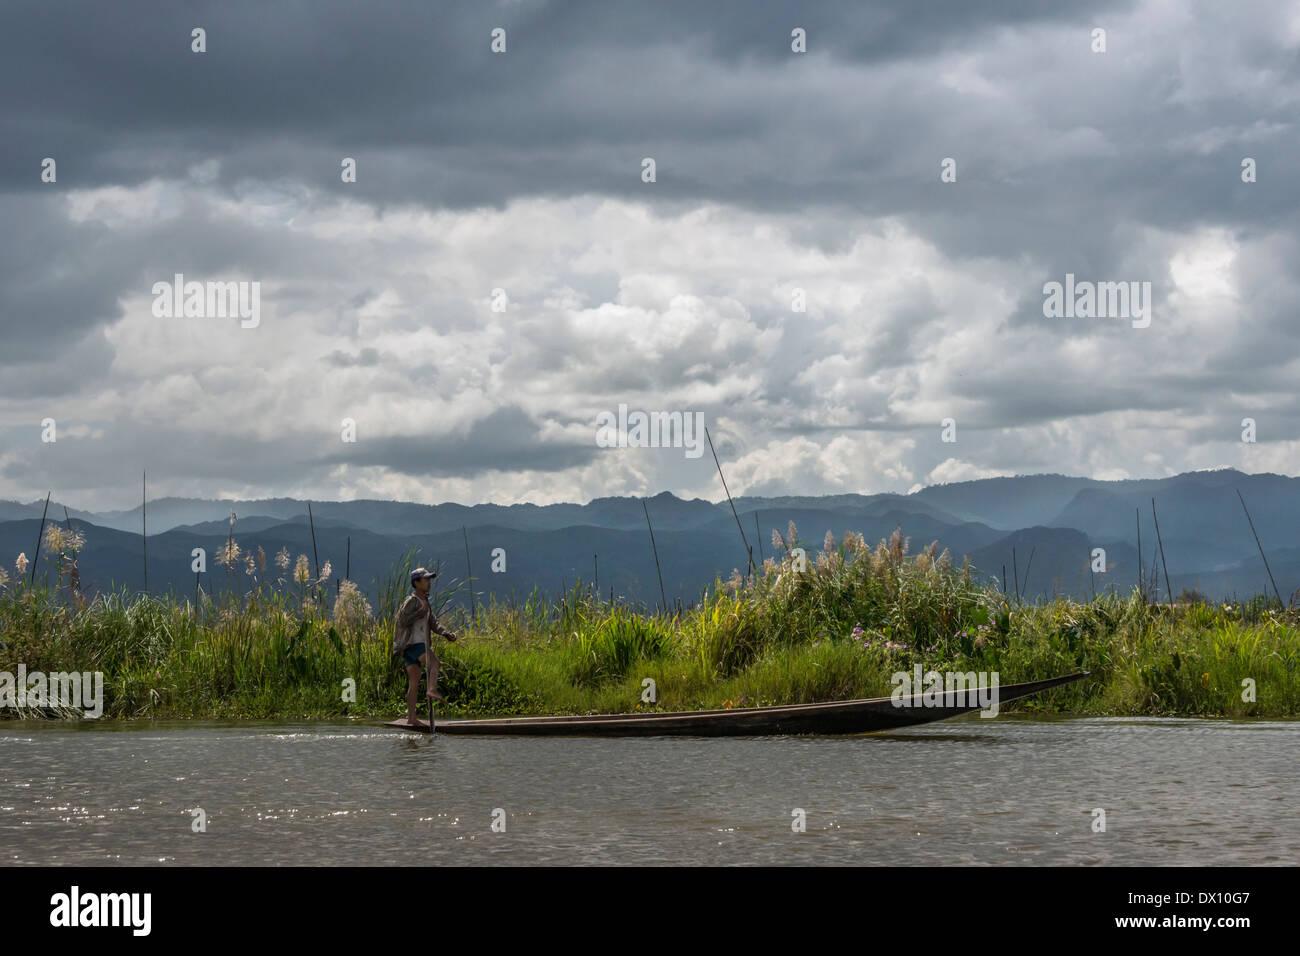 Gamba vogatore in mano cr piroga dalla riva del lago con storm brewing, Lago Inle, Myanmar Immagini Stock